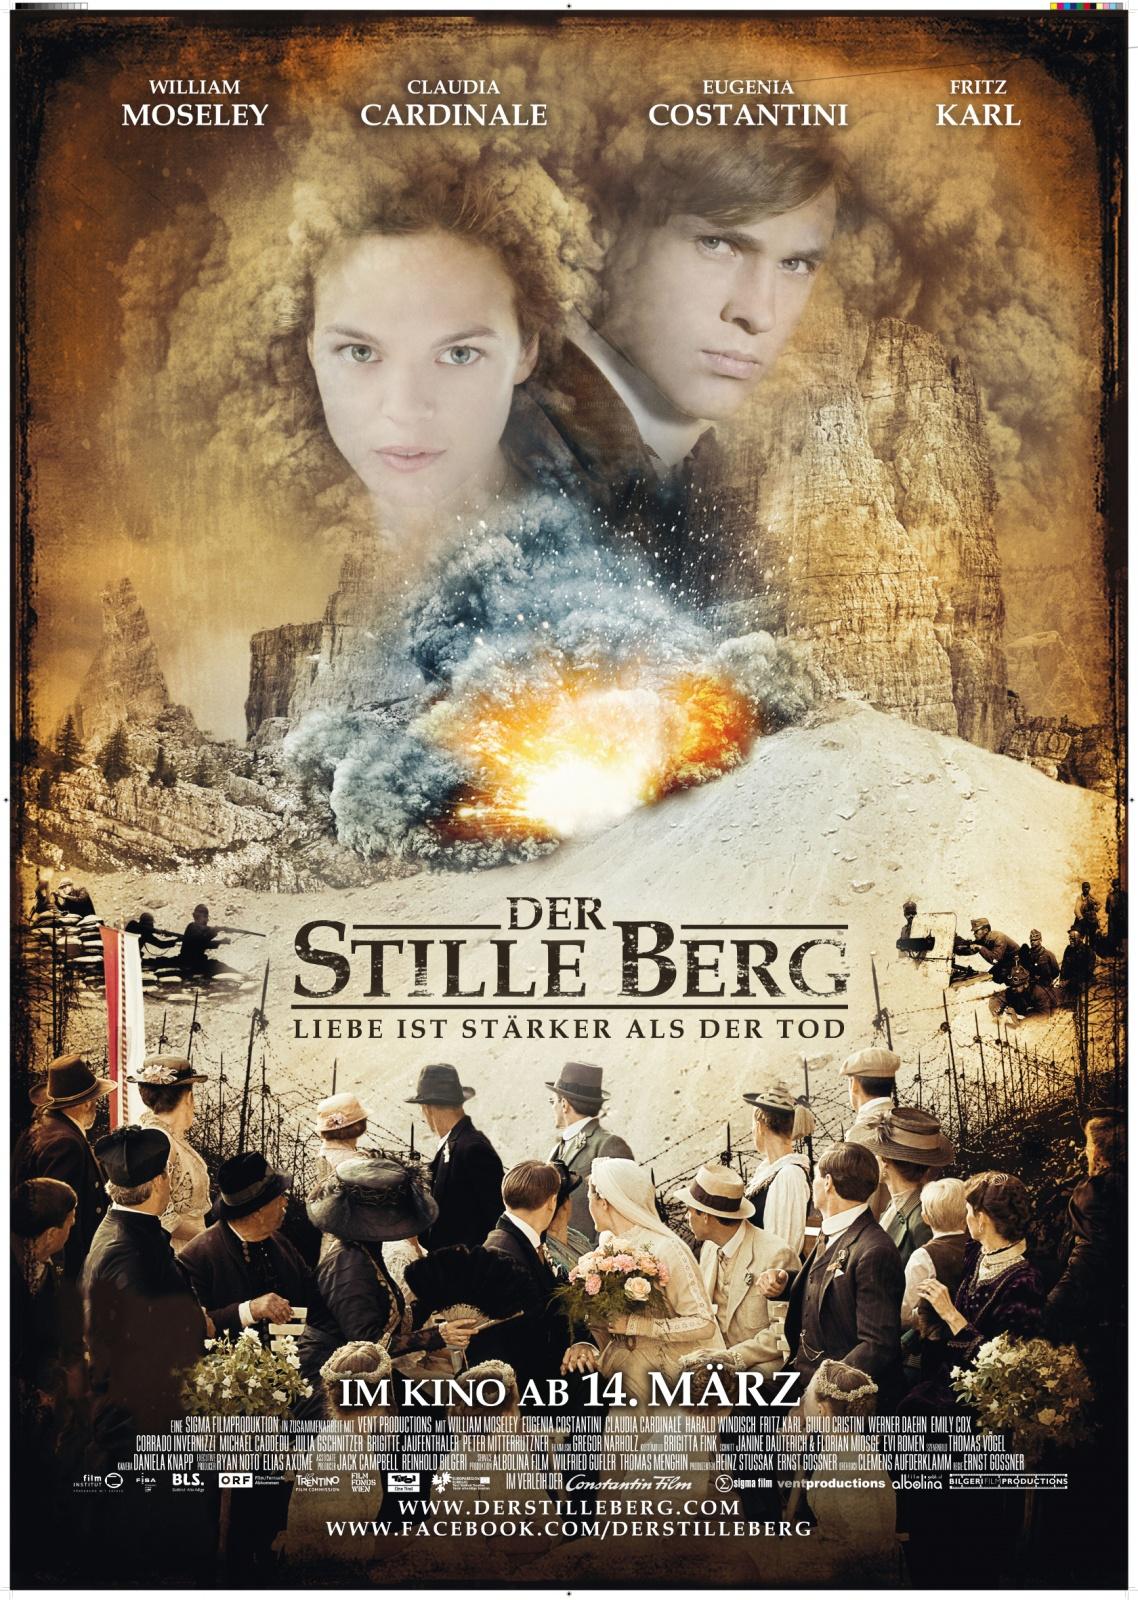 [普雷] 戰火摯愛 Der stille Berg (2014 奧地利片)